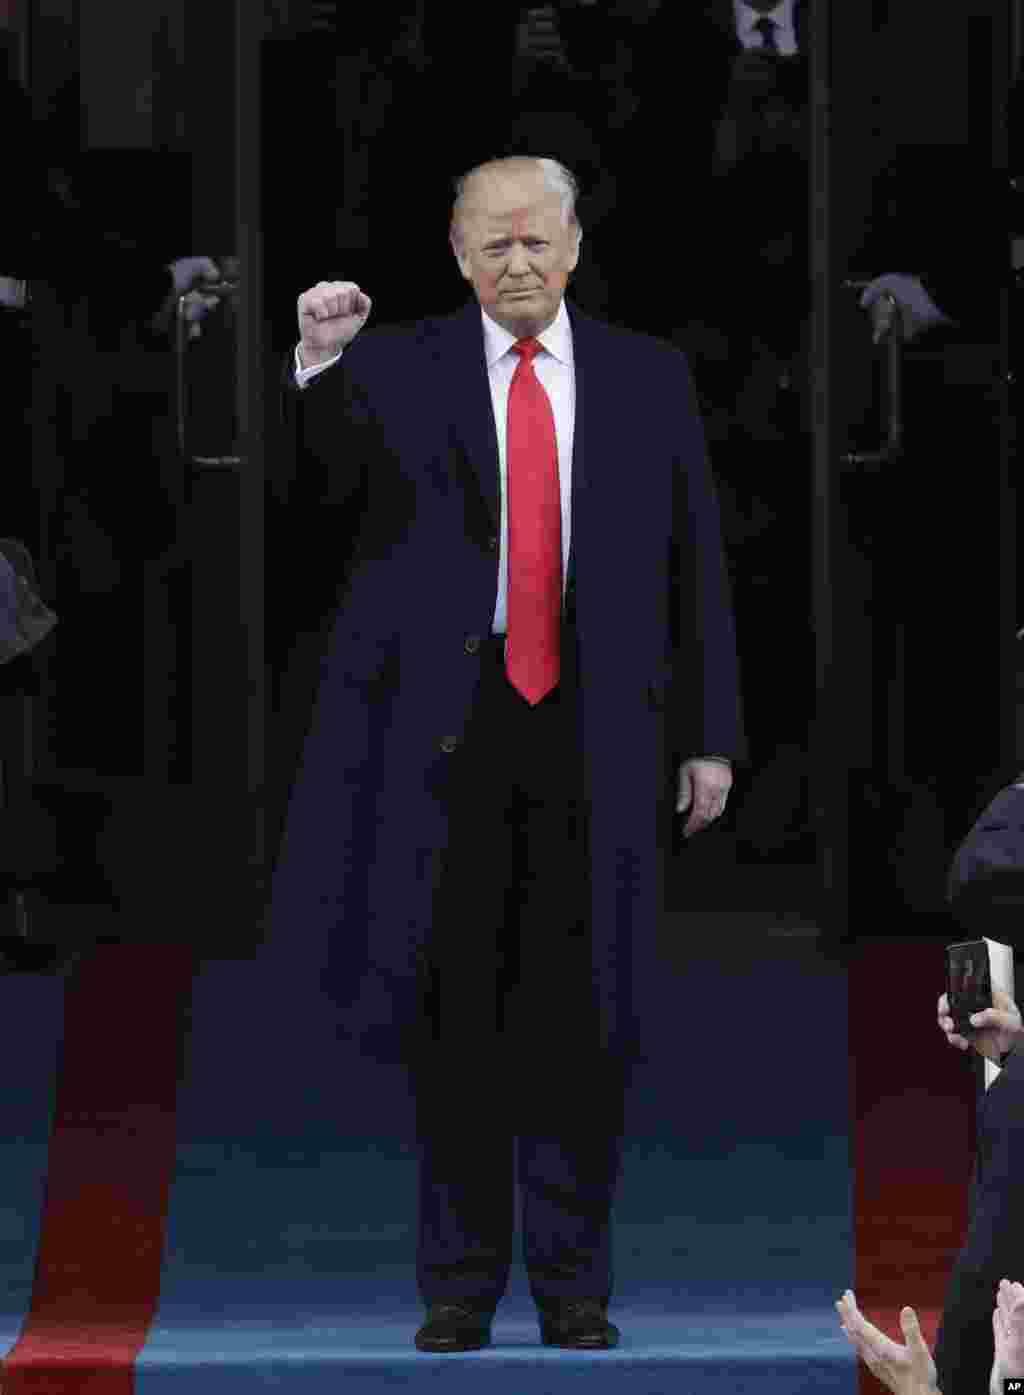 Bikin rantsar da sabon zababben shugaban Amurka Donald J. Trump, a farfajiyar Majalisa kasar dake birnin Washington DC, Janairu 20, 2017